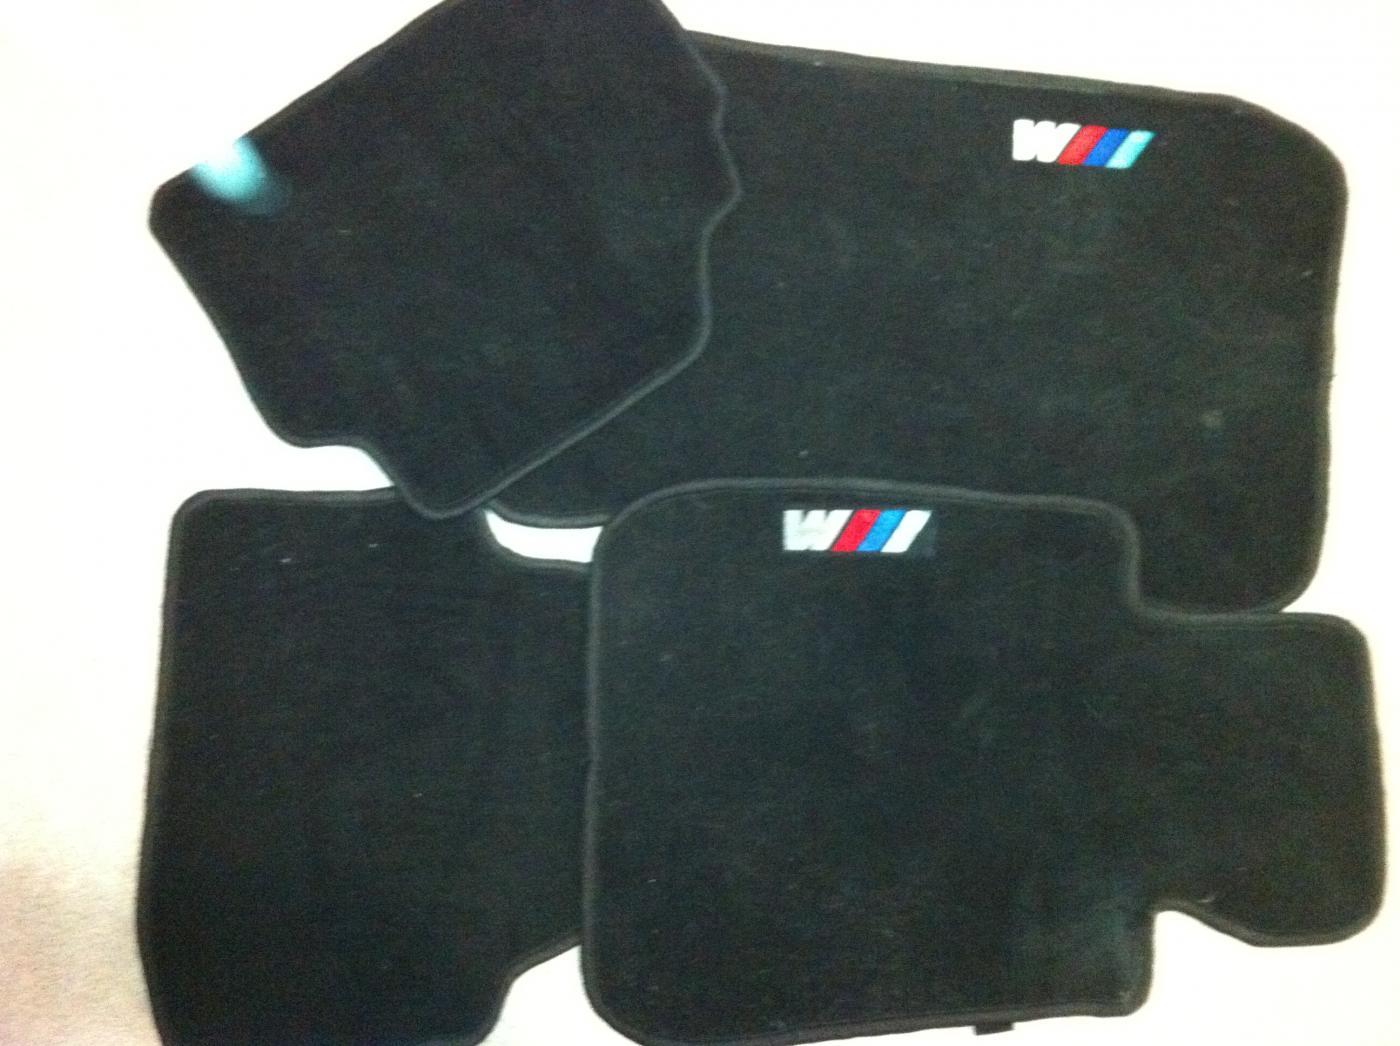 Fs e90 floor mats w m logo for Bmw m sport floor mats